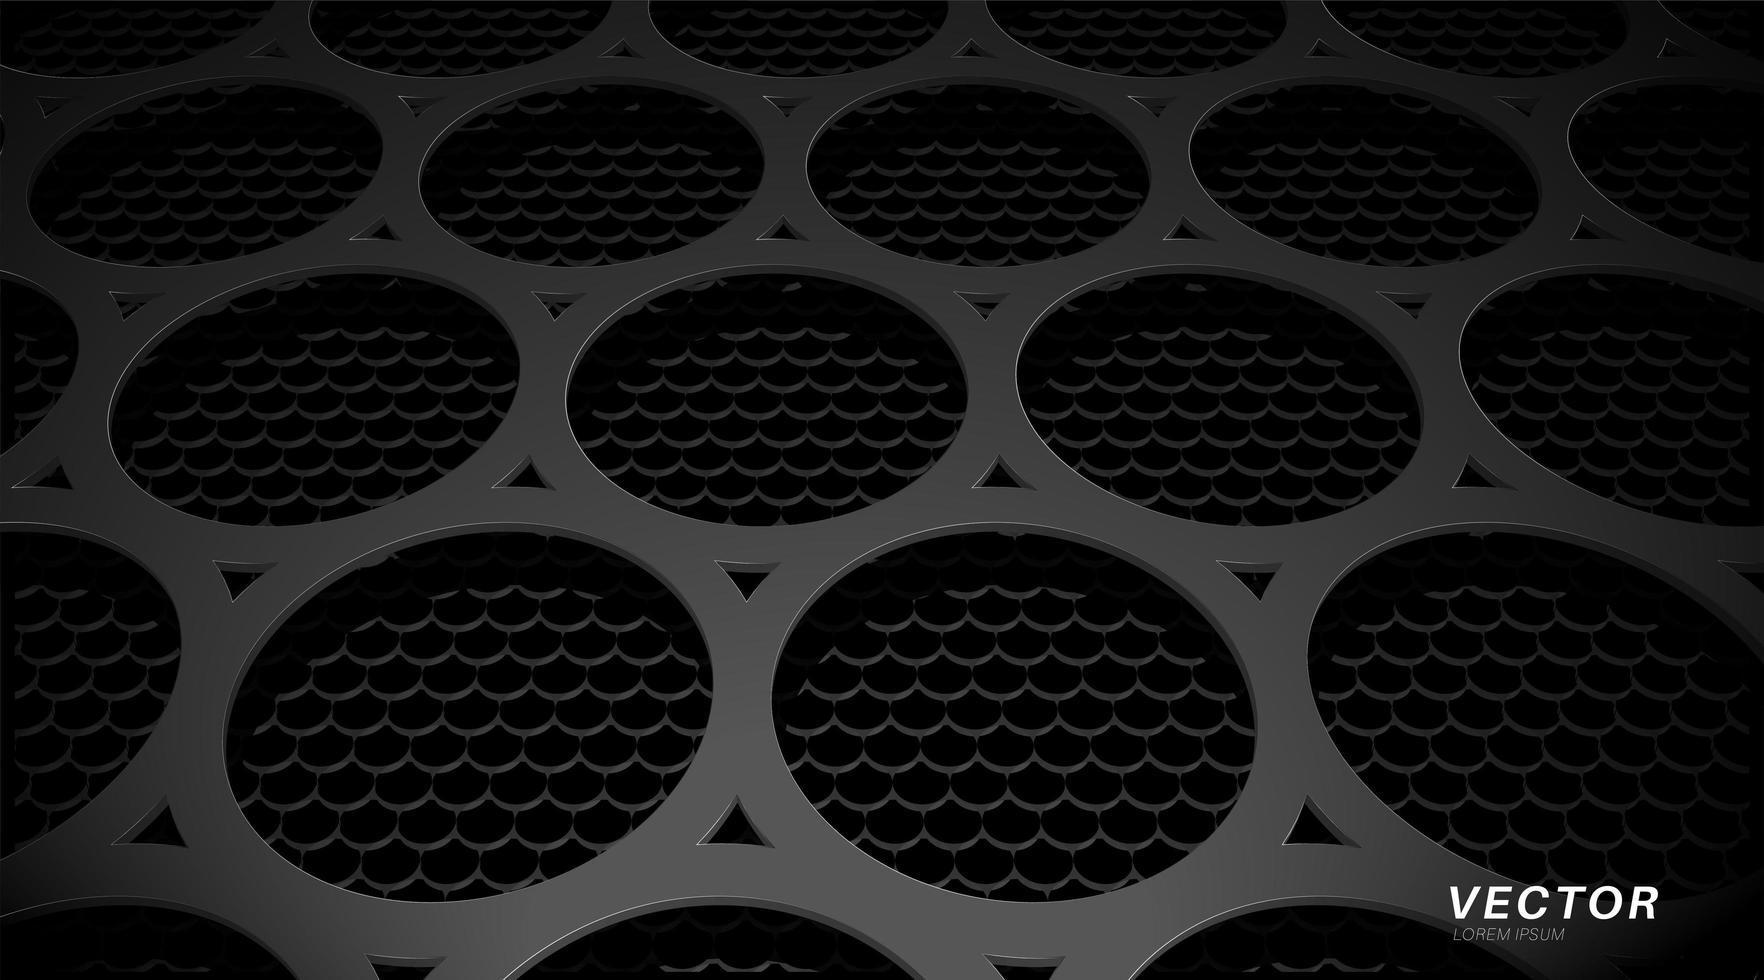 Diseño de fondo abstracto con textura de metal perforado. diseño ilustración vectorial 3d vector